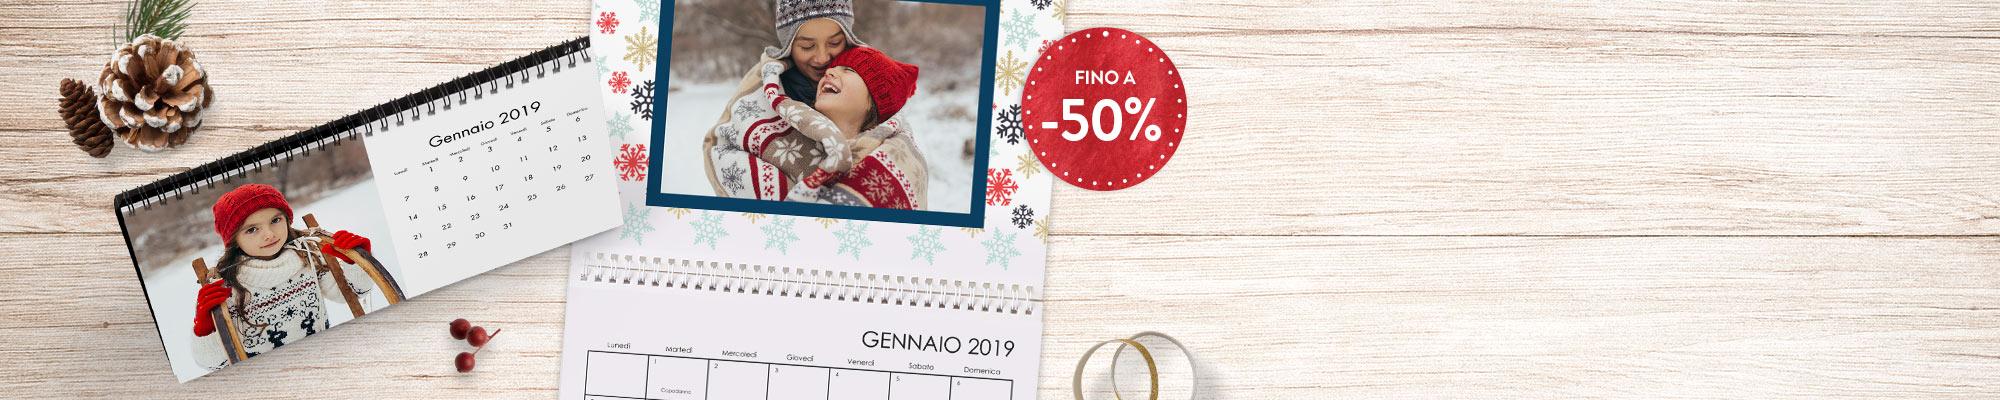 Foto Calendari Personalizzati